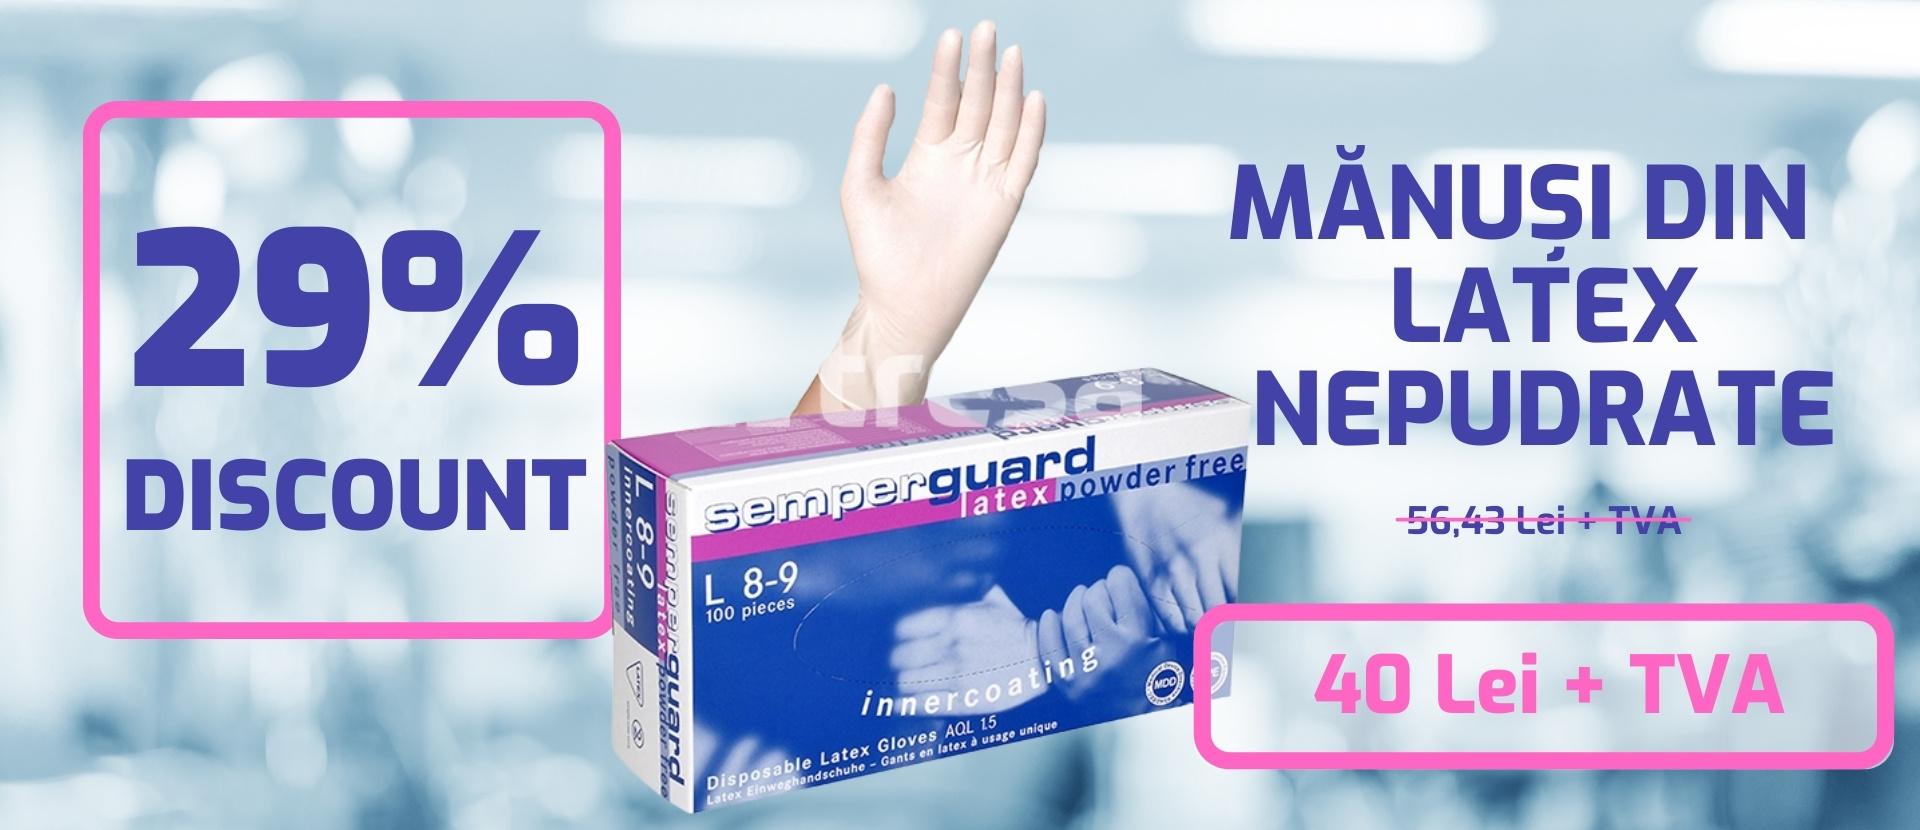 Promo Manus Latex Nepudrat